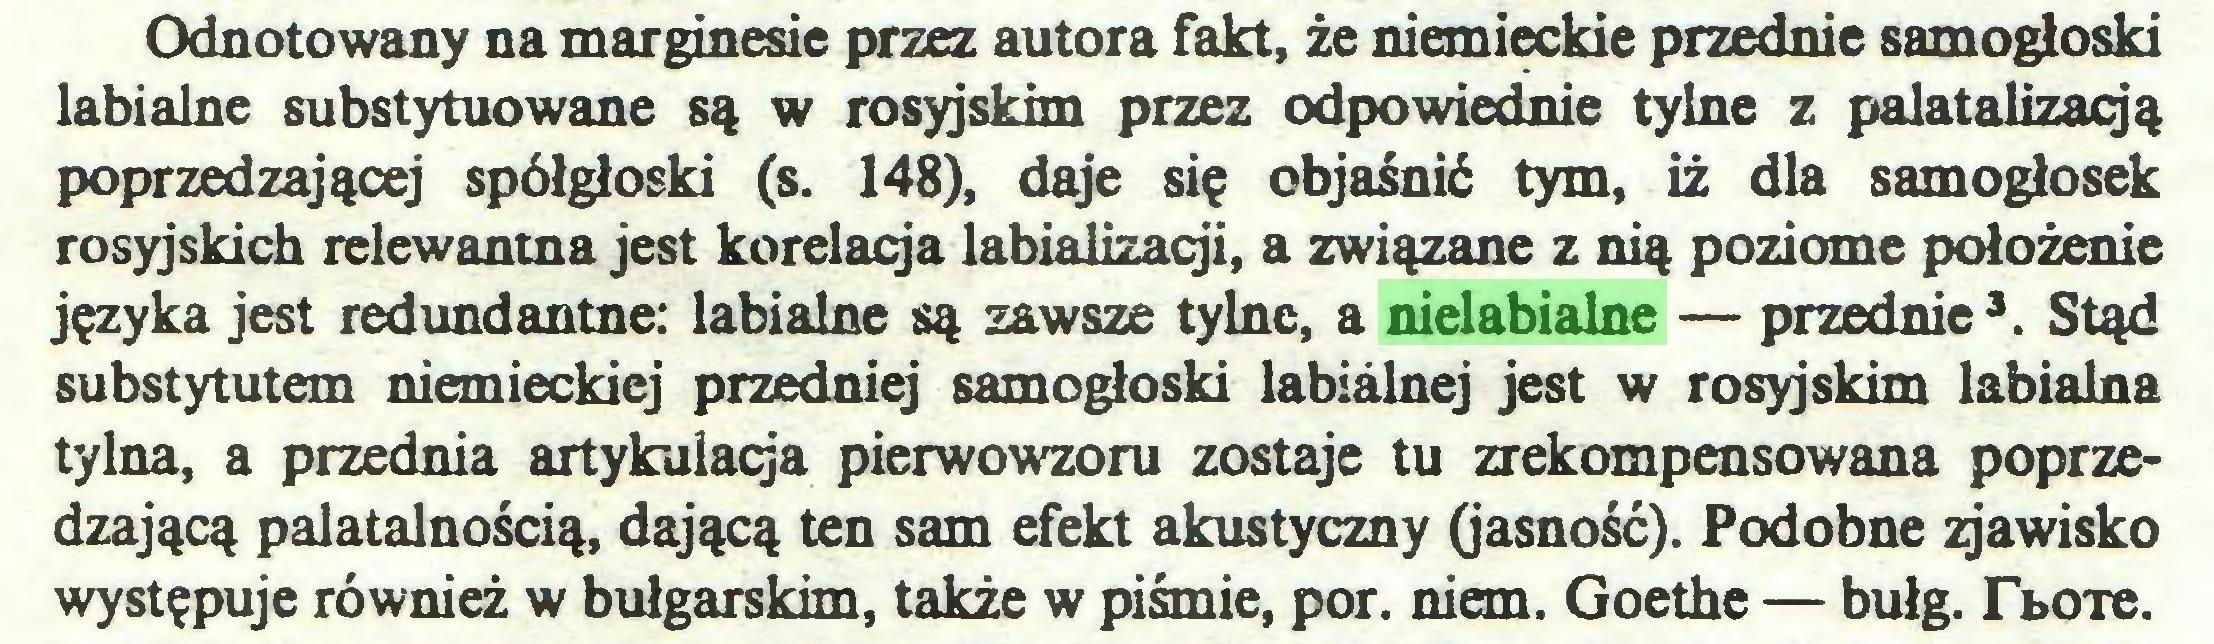 (...) Odnotowany na marginesie przez autora fakt, że niemieckie przednie samogłoski labialne substytuowane są w rosyjskim przez odpowiednie tylne z palatalizacją poprzedzającej spółgłoski (s. 148), daje się objaśnić tym, iż dla samogłosek rosyjskich relewantna jest korelacja labializacji, a związane z nią poziome położenie języka jest redundantne: labialne są zawsze tylne, a nielabialne — przednie3. Stąd substytutem niemieckiej przedniej samogłoski labiálnej jest w rosyjskim labialna tylna, a przednia artykulacja pierwowzoru zostaje tu zrekompensowana poprzedzającą palatalnością, dającą ten sam efekt akustyczny (jasność). Podobne gawisko występuje również w bułgarskim, także w piśmie, por. niem. Goethe — bułg. Tboxe...